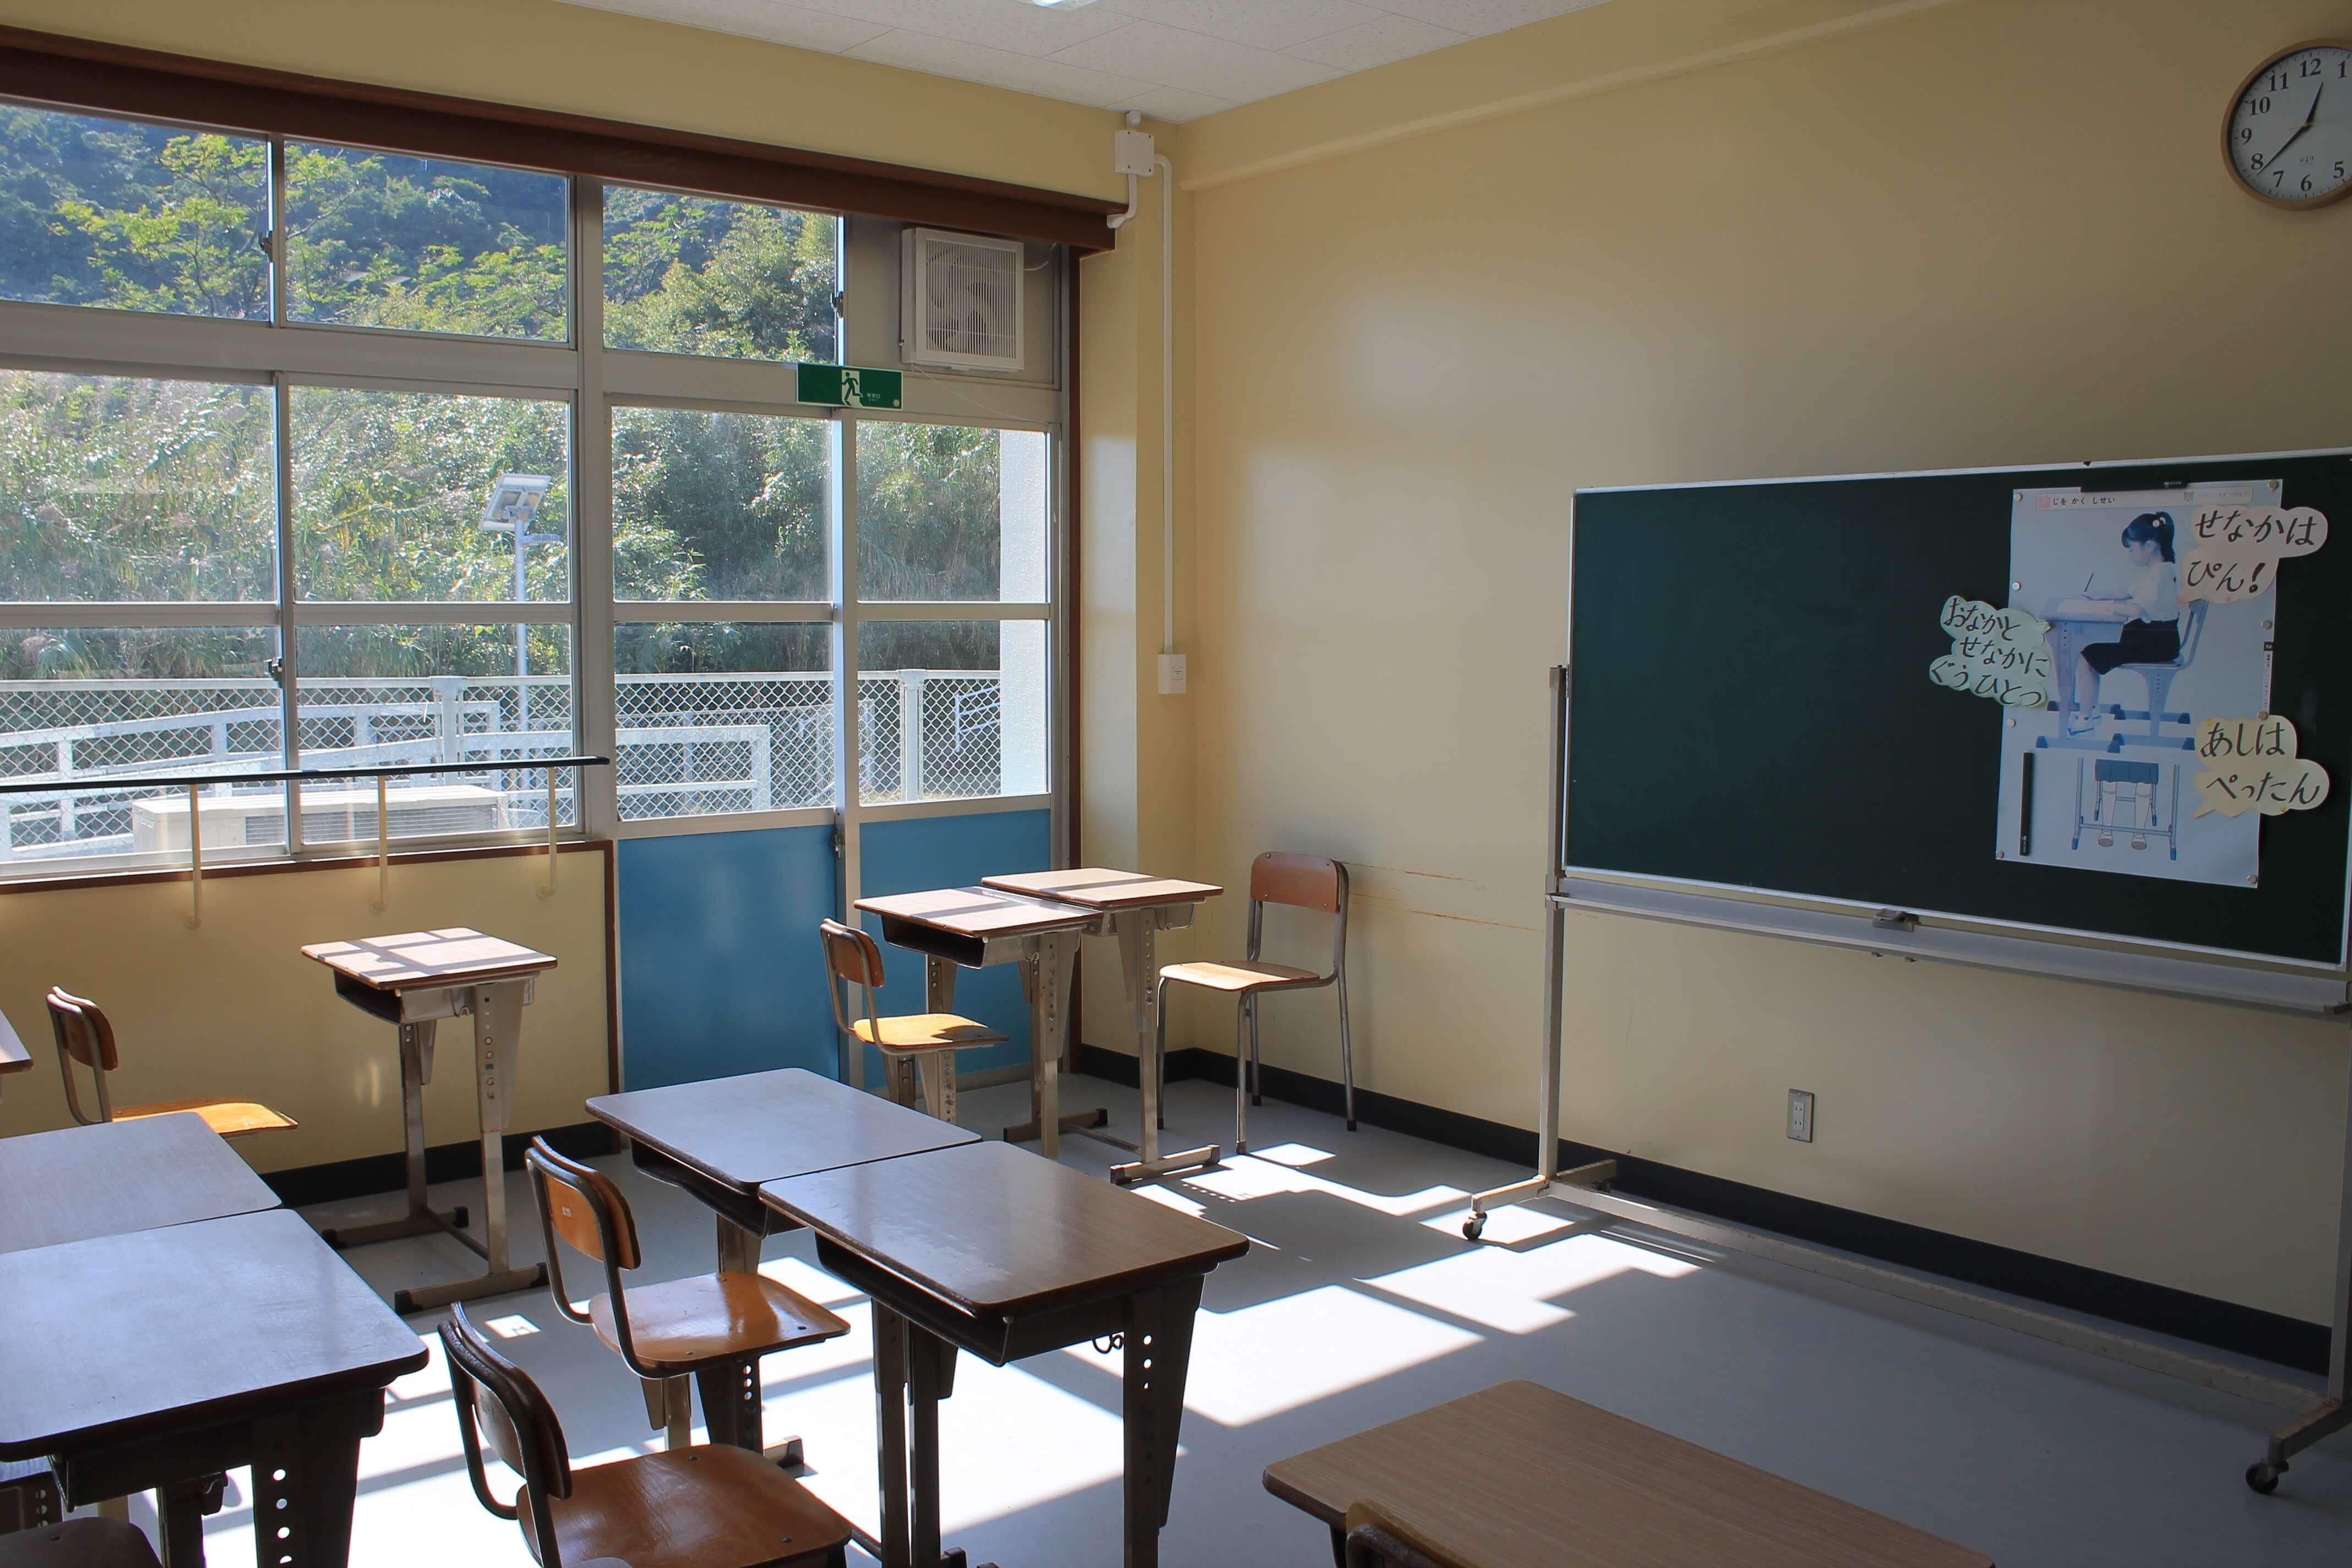 むろと廃校水族館:教室